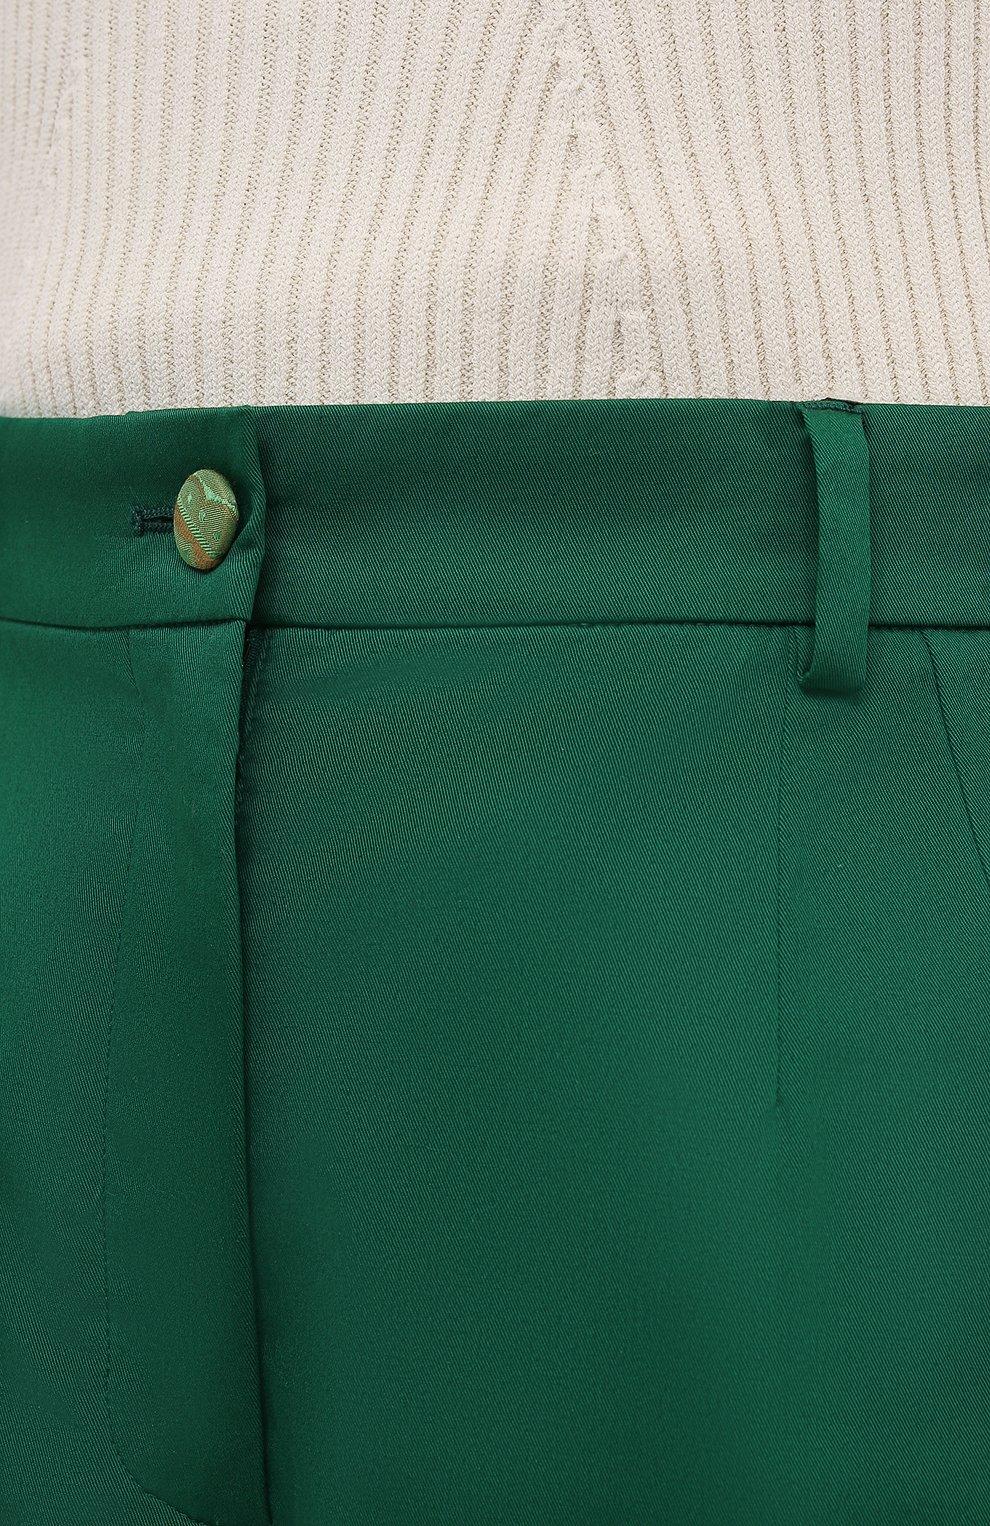 Женские хлопковые шорты DOLCE & GABBANA зеленого цвета, арт. FTBTQT/FUFJR | Фото 5 (Женское Кросс-КТ: Шорты-одежда; Длина Ж (юбки, платья, шорты): Мини; Материал внешний: Хлопок; Стили: Романтичный)